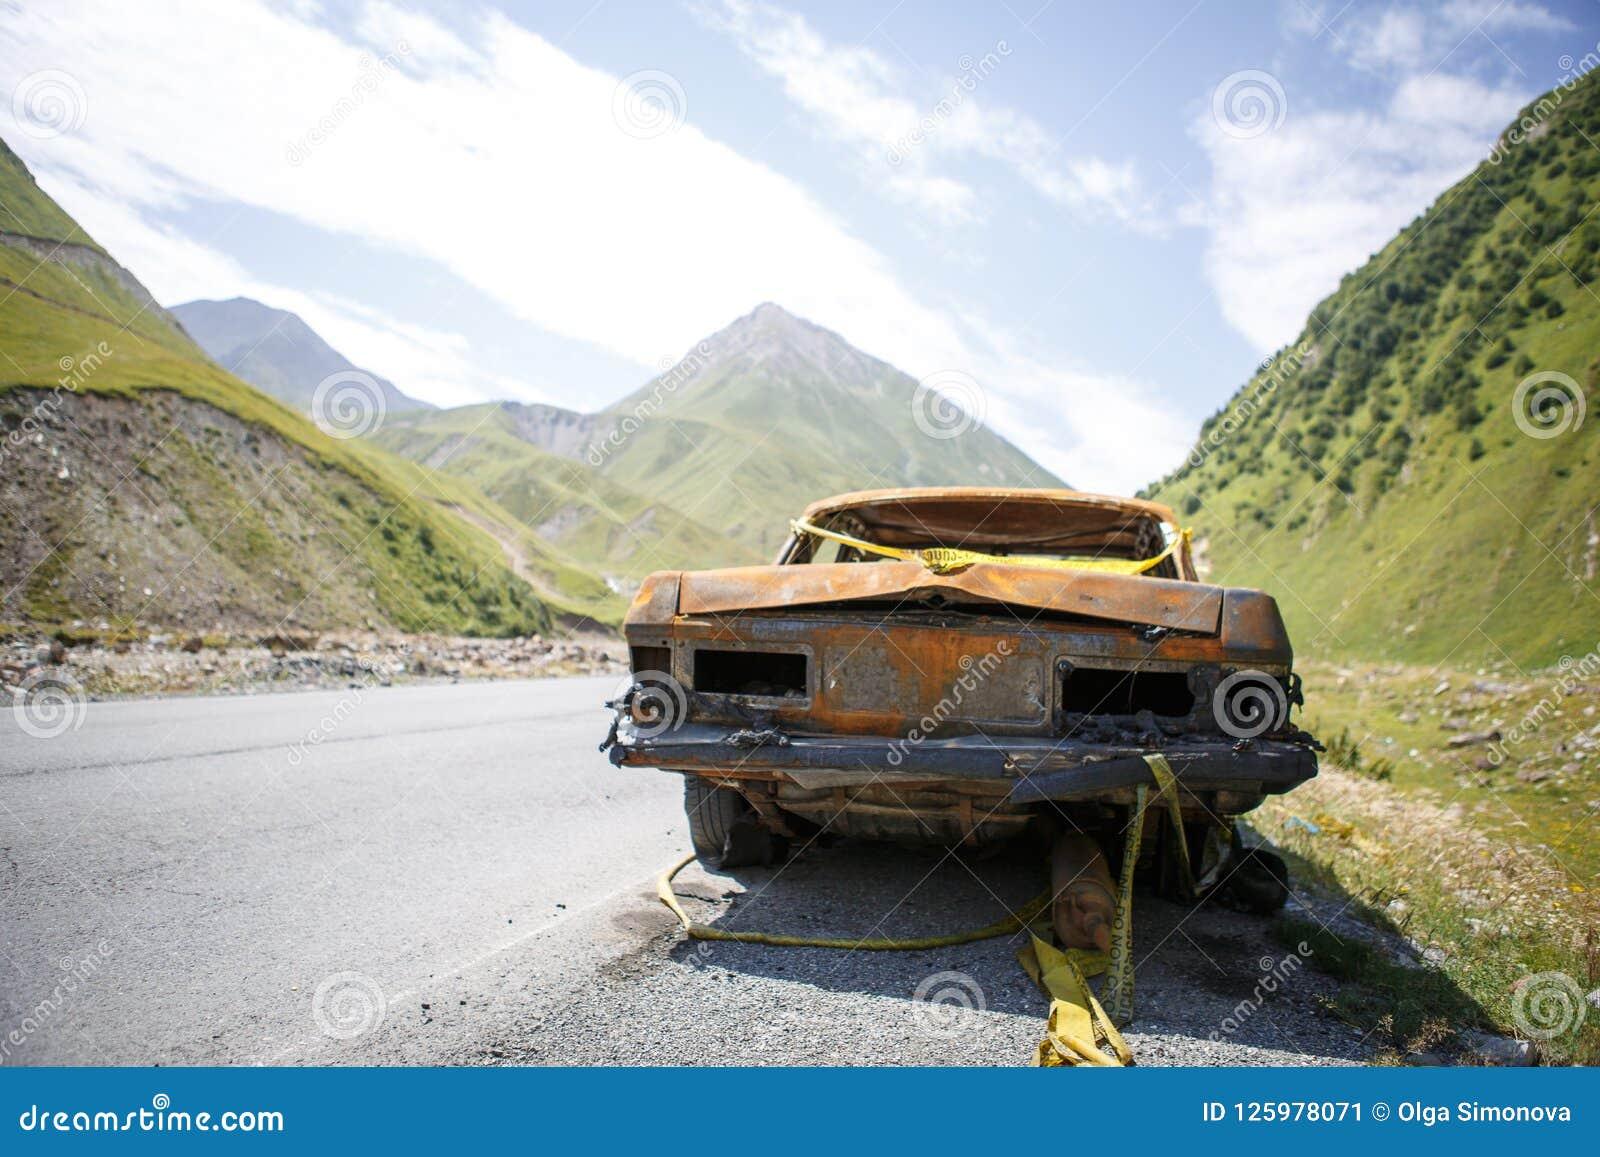 Carro queimado oxidado velho na borda da estrada de Geórgia, cercada por montanhas e por beleza